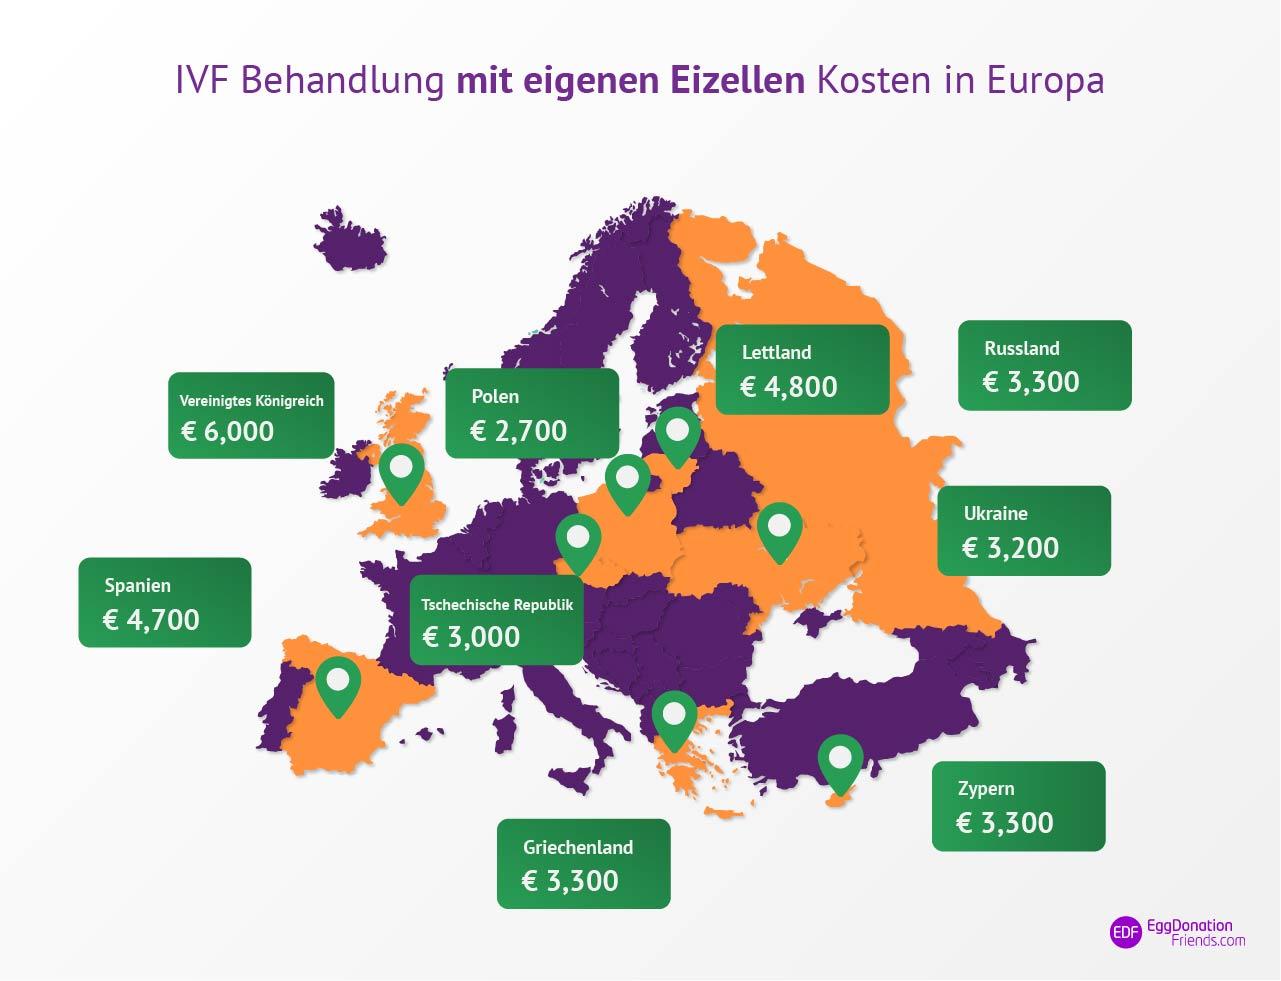 IVF Behandlung mit eigenen Eizellen Kosten Landkarte